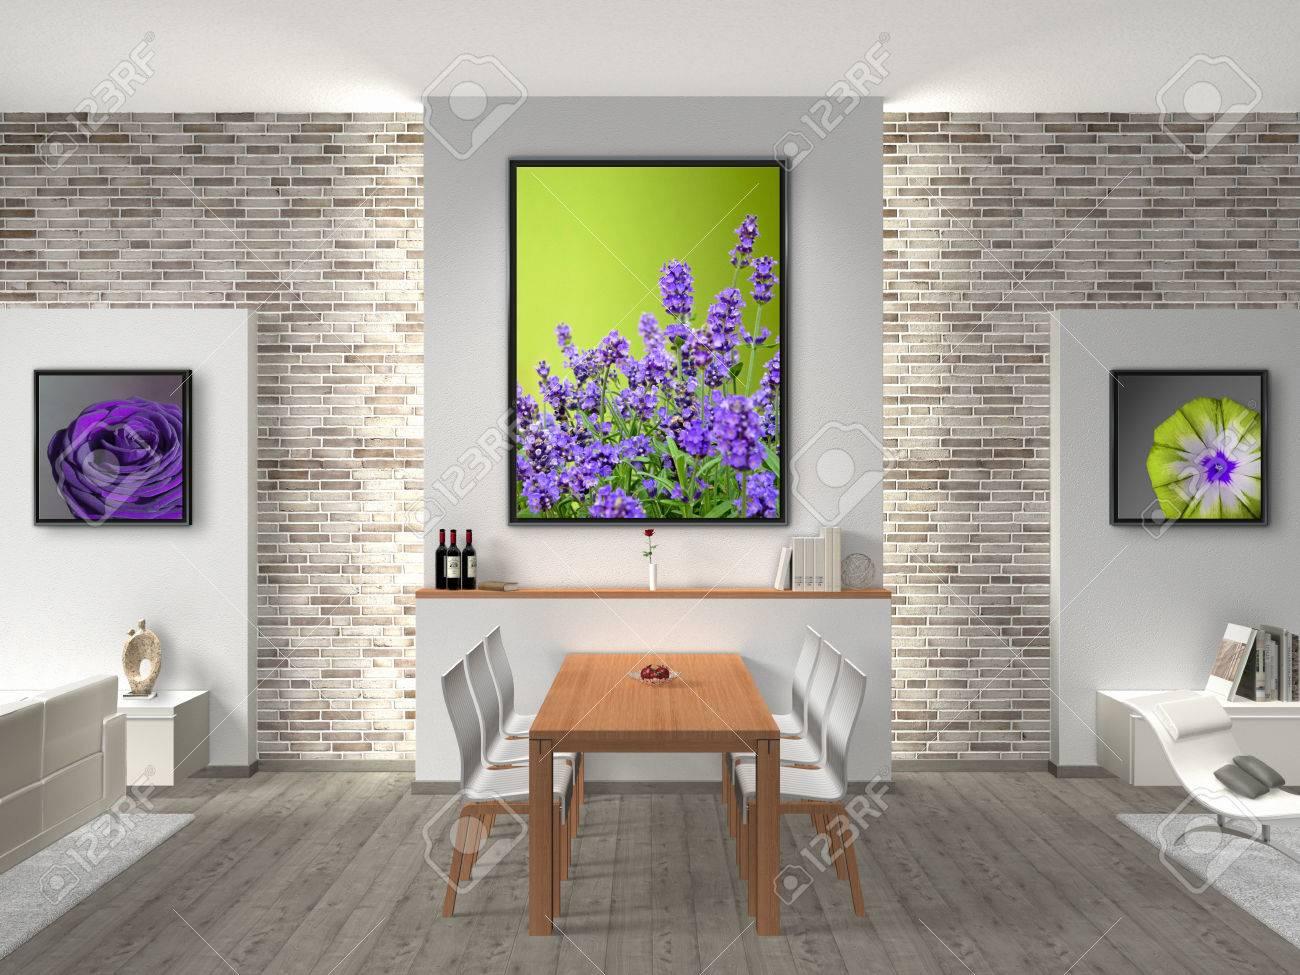 Dining Room Frames